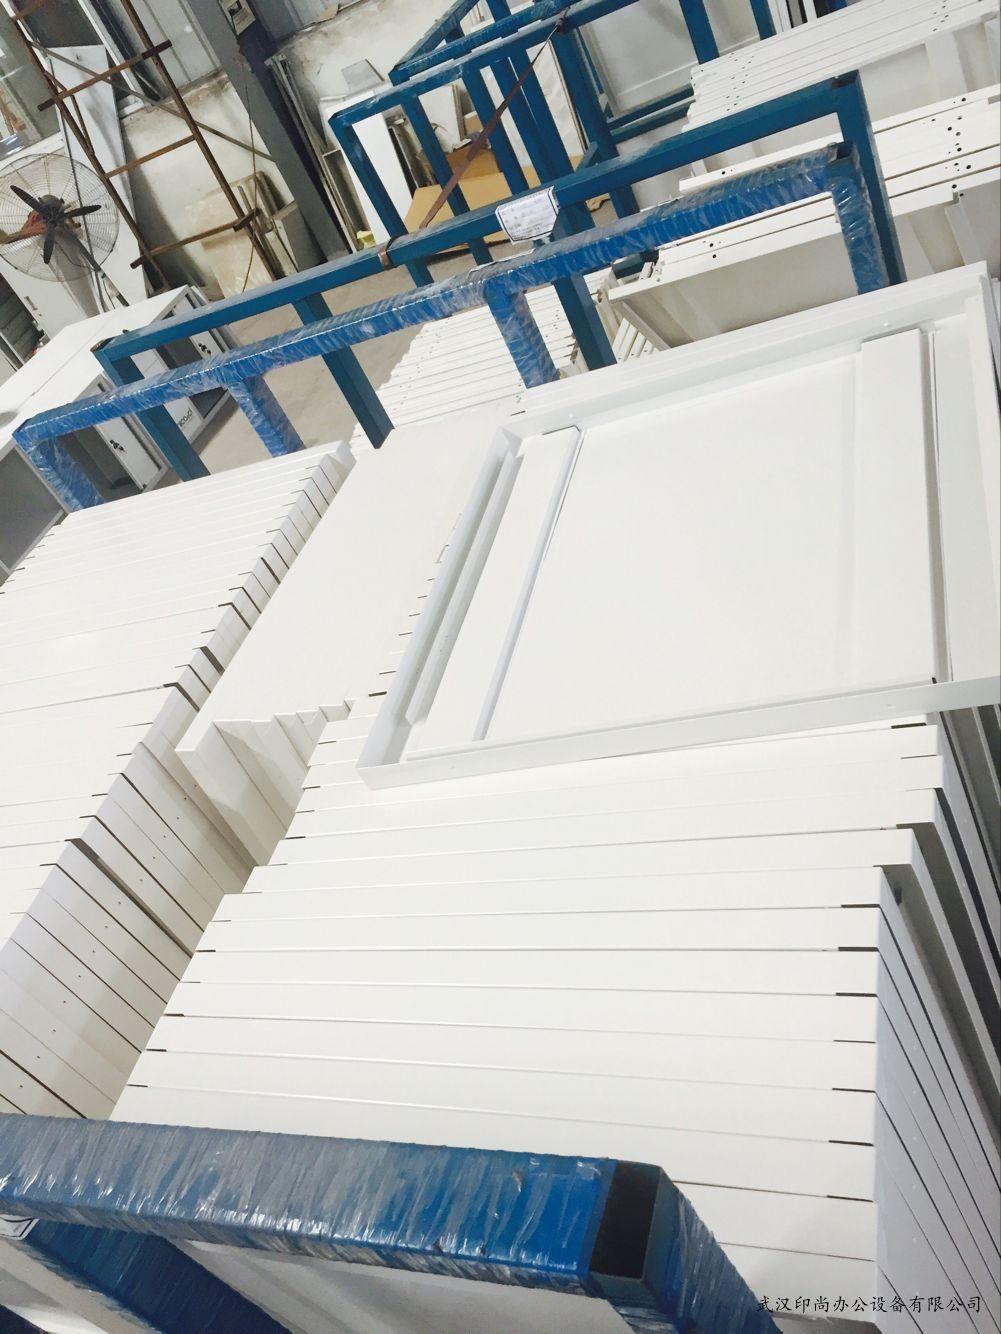 复印机底柜拼装-之密集柜的搁板自由调整